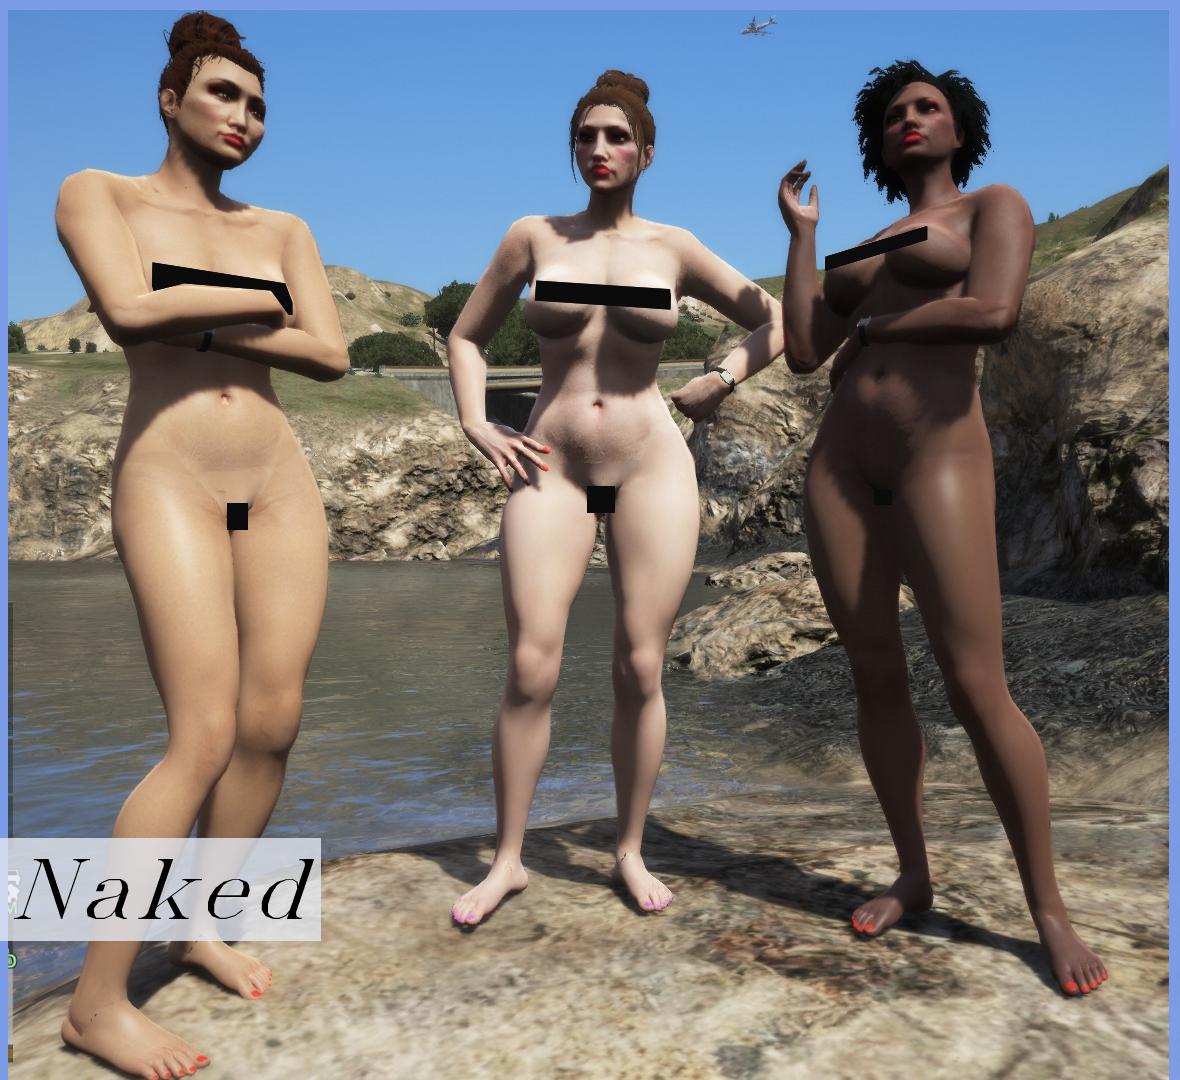 Naked Photo